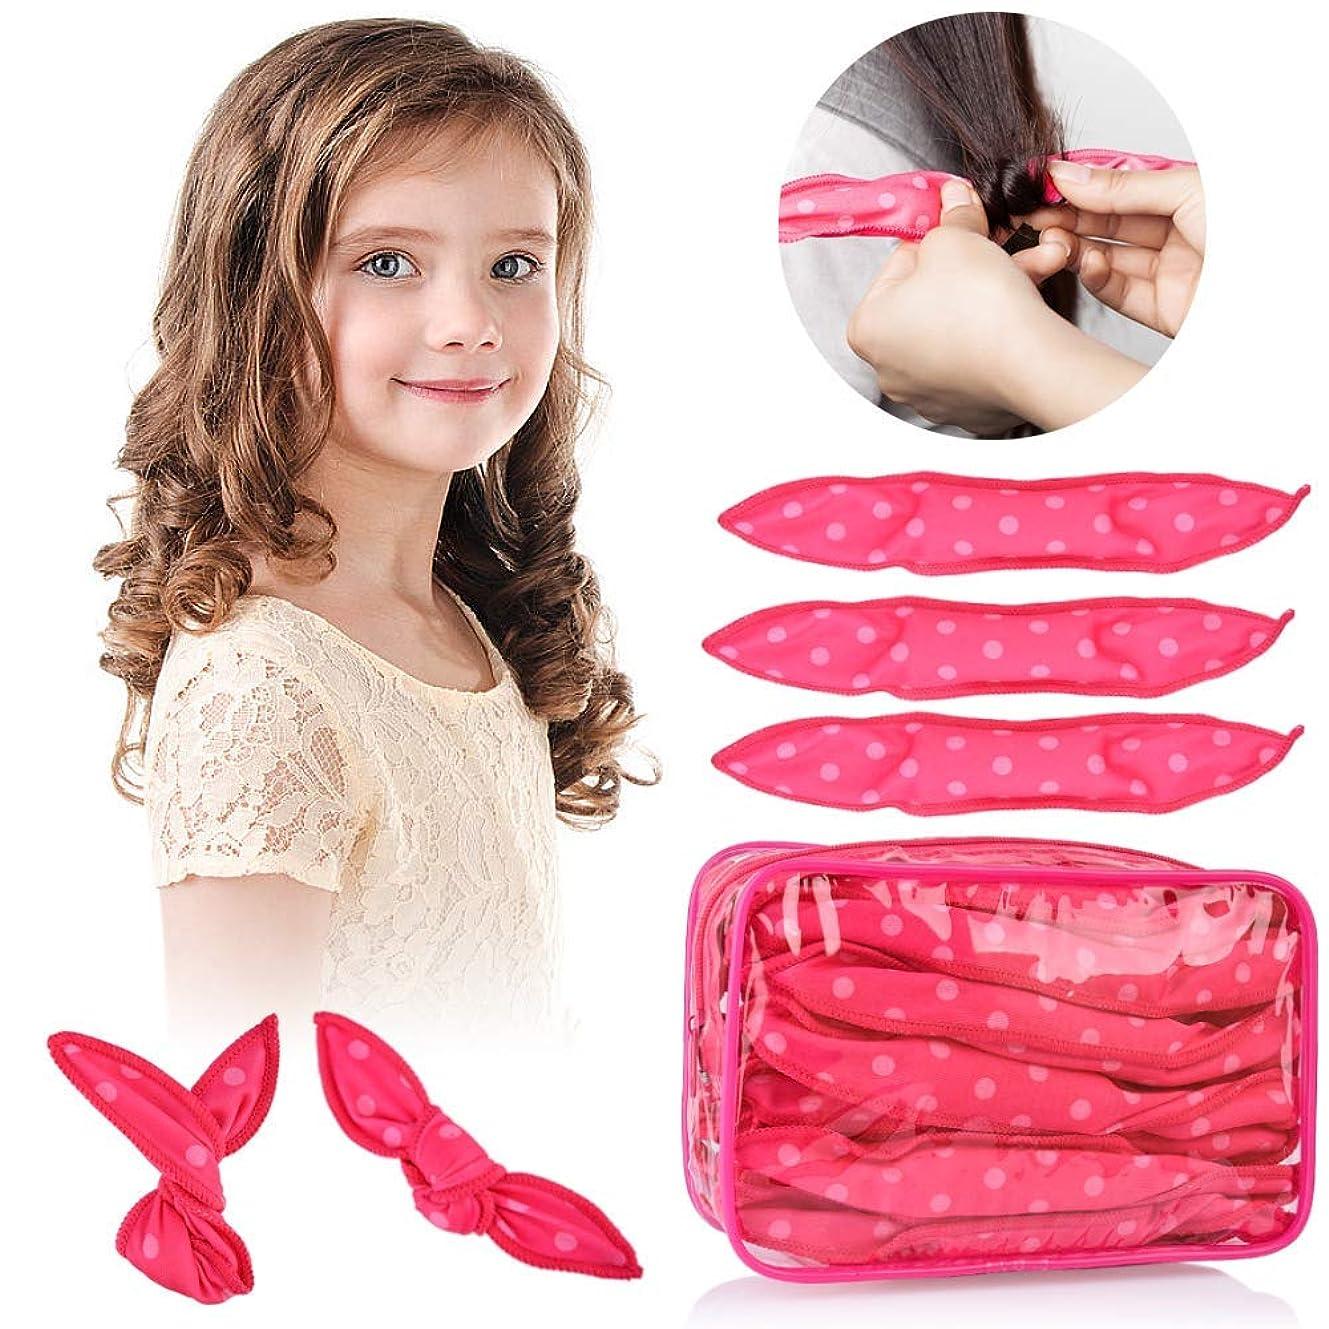 ネイティブベイビー市の花HailiCare ヘアカーラー スポンジ ヘアカーラーマジック 手巻きカーラー 30枚 ヘアケアスタイリング 巻き髪 前髪 寝ながら ヘアスタイル 可愛い 髪に無害 ピンク (ピンク)